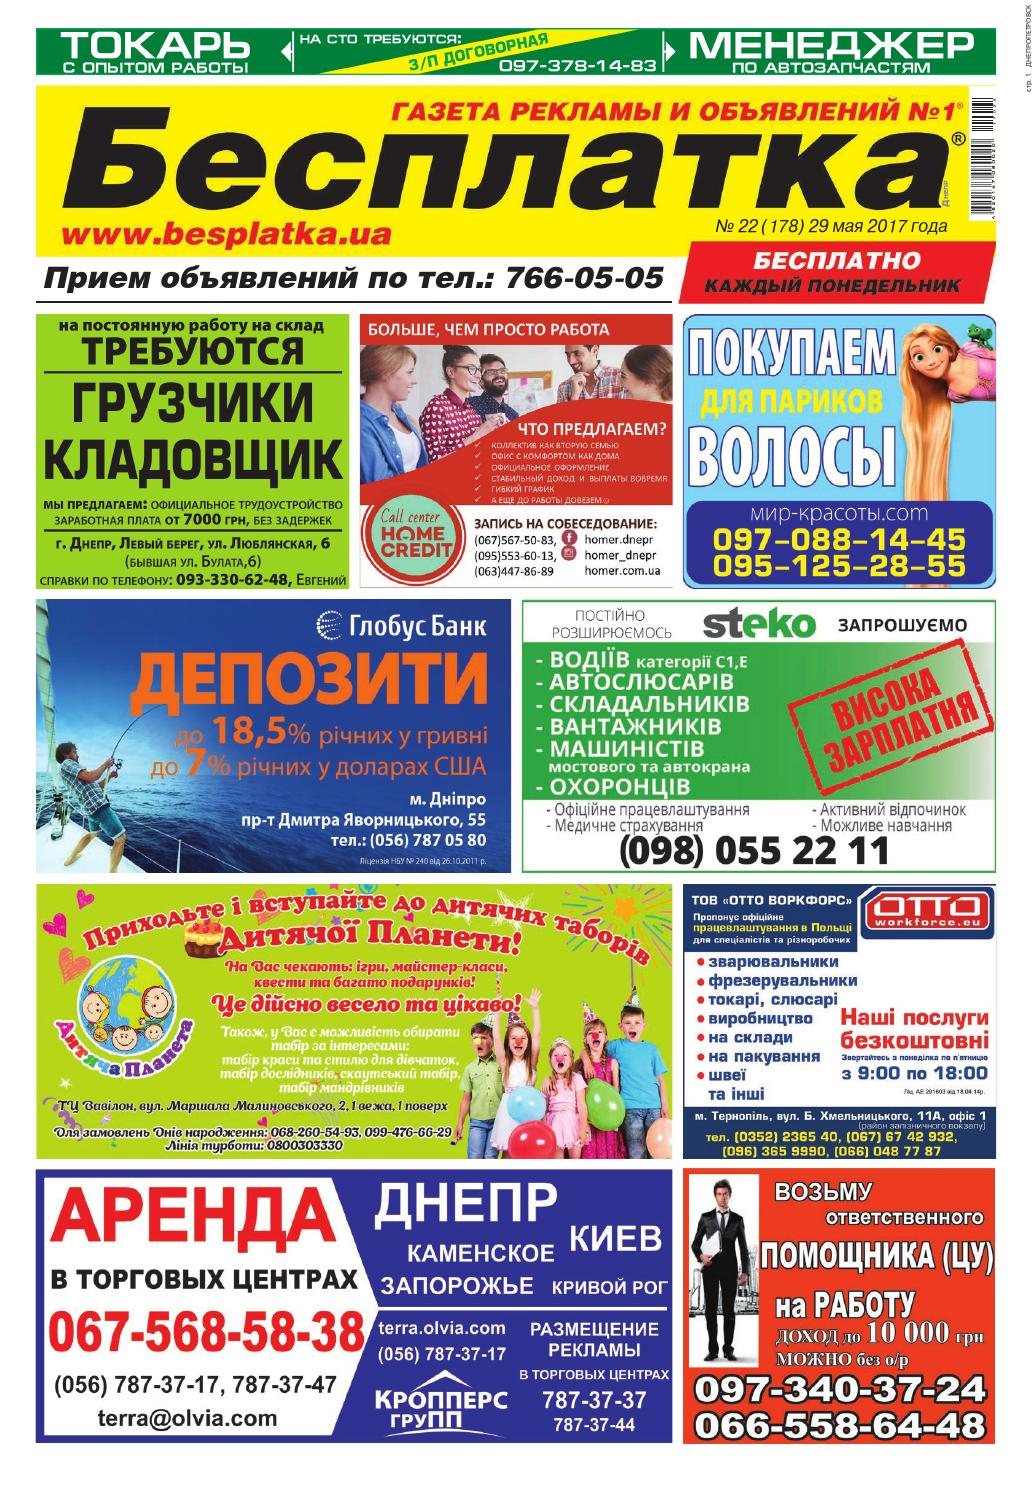 Консультации по защите прав потребителей Червонный переулок бесплатная консультация юриста по телефону в Воронеж